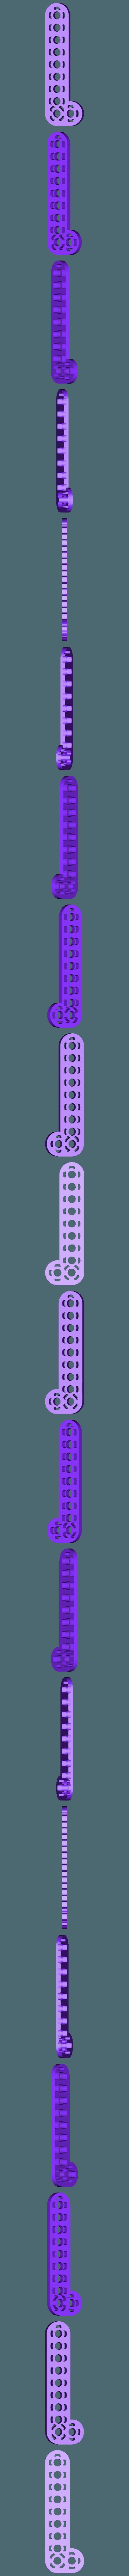 L_2_9.STL Télécharger fichier STL gratuit MEGA Expansion 200+ Pièces • Plan à imprimer en 3D, Pwentey